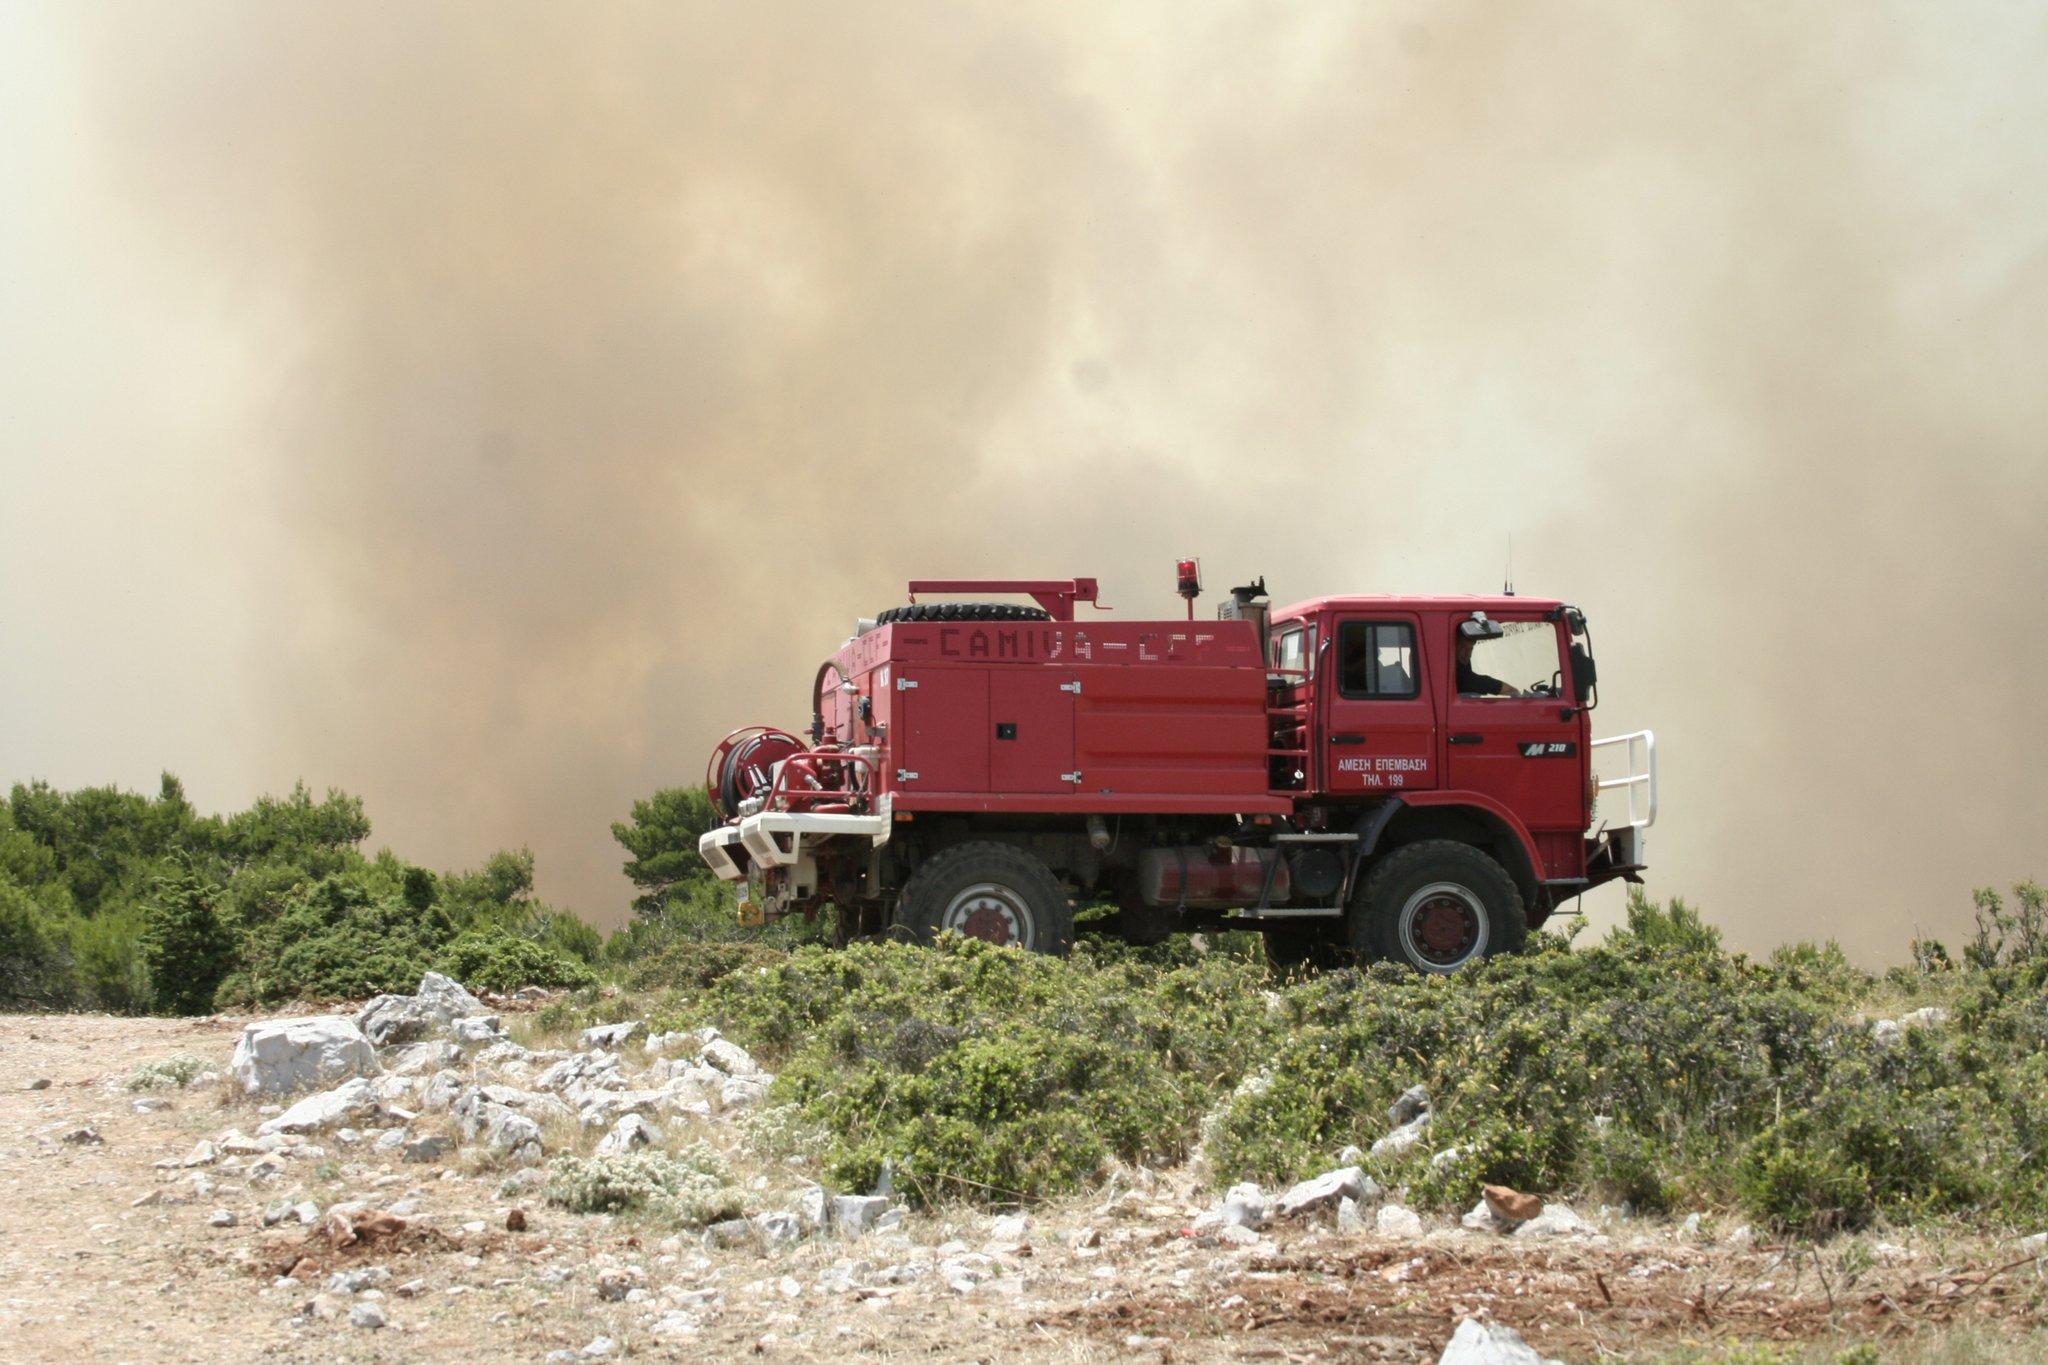 Μεγάλη φωτιά σε δασική έκταση στην Κεφαλονιά